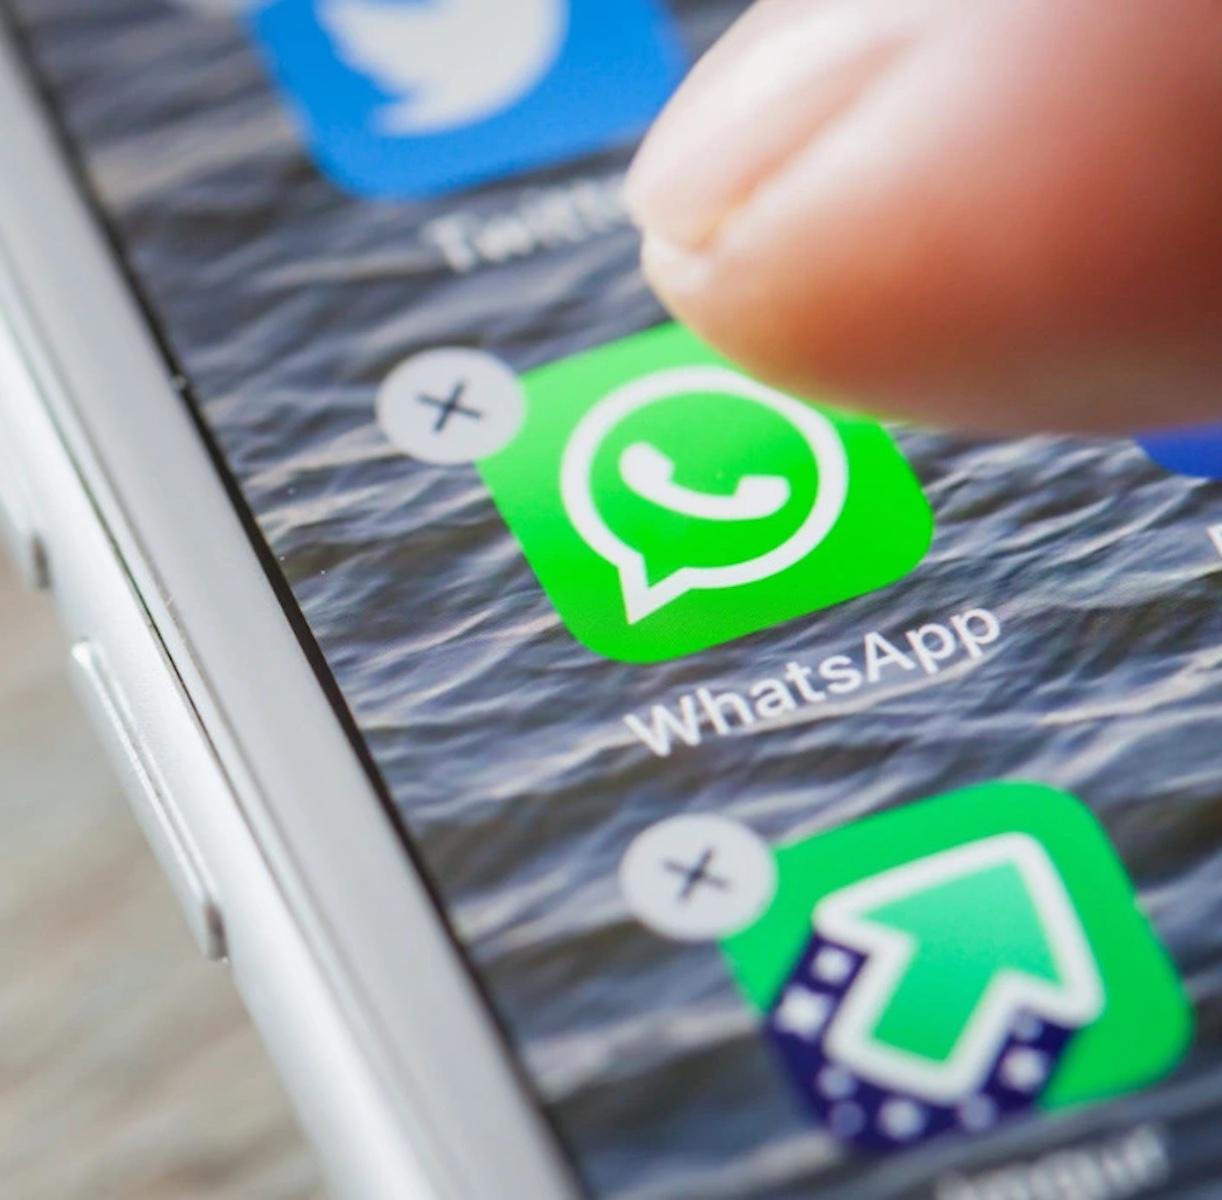 WhatsApp non funziona 1 novembre 2021